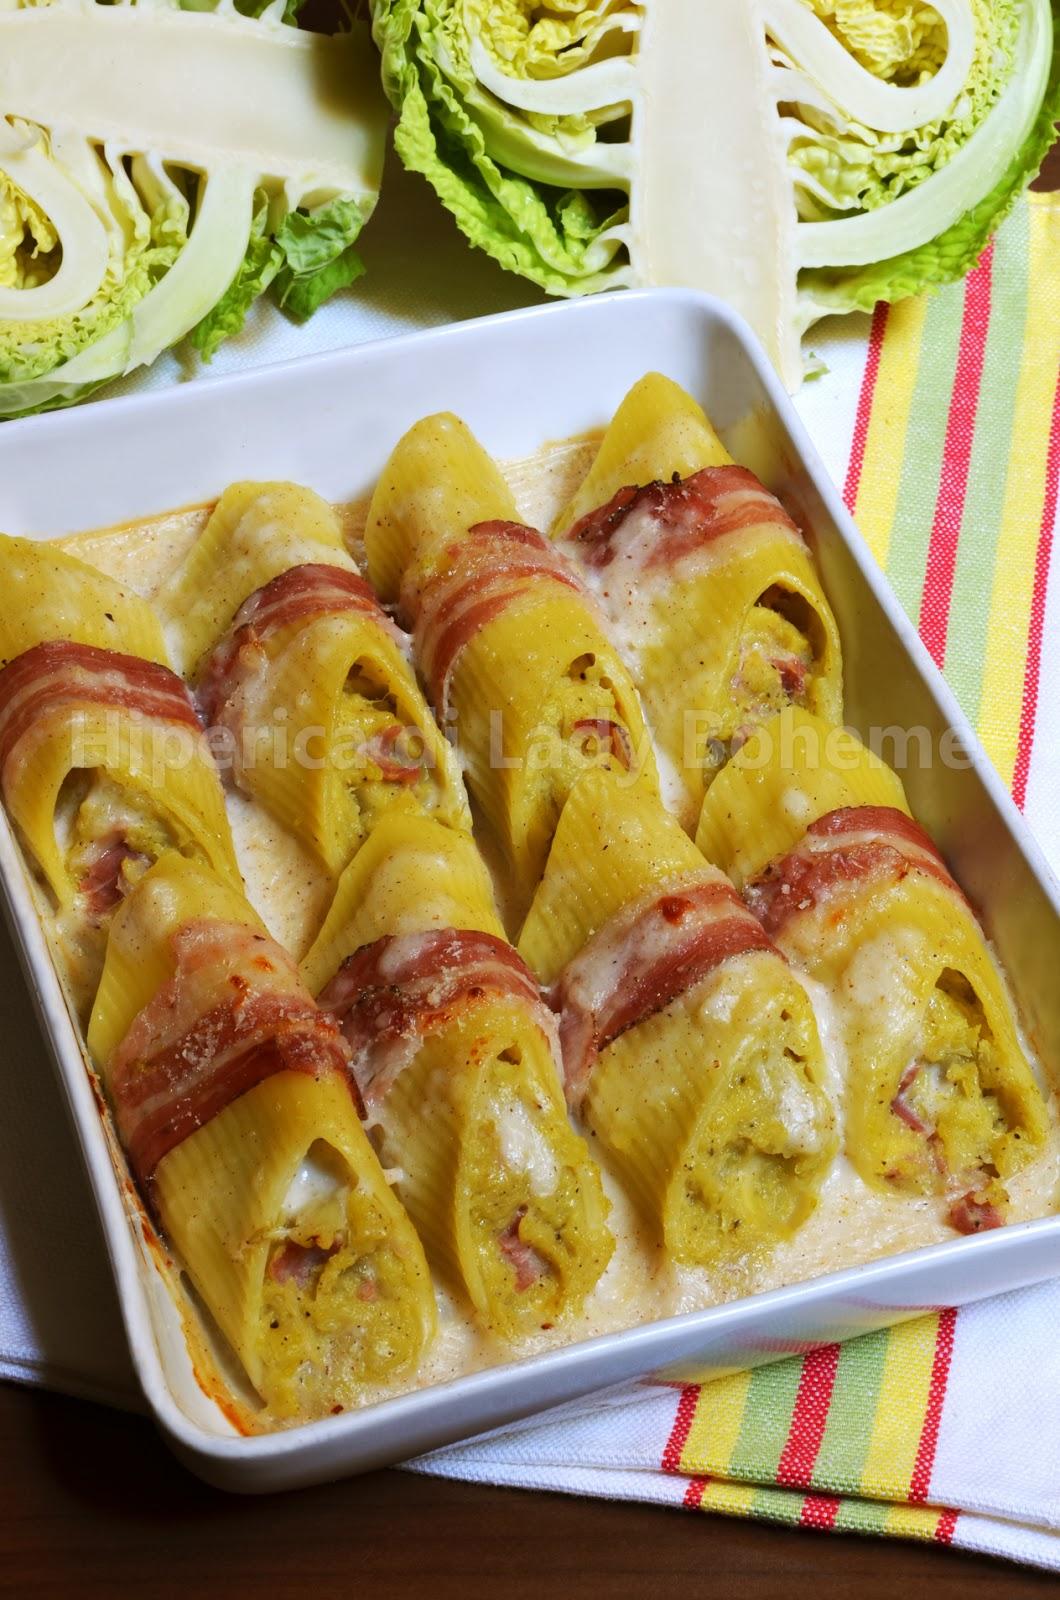 hiperica_lady_boheme_blog_di_cucina_ricette_gustose_facili_veloci_pennoni_ripieni_con_cavolo_verza_leerdammer_e_pancetta_2